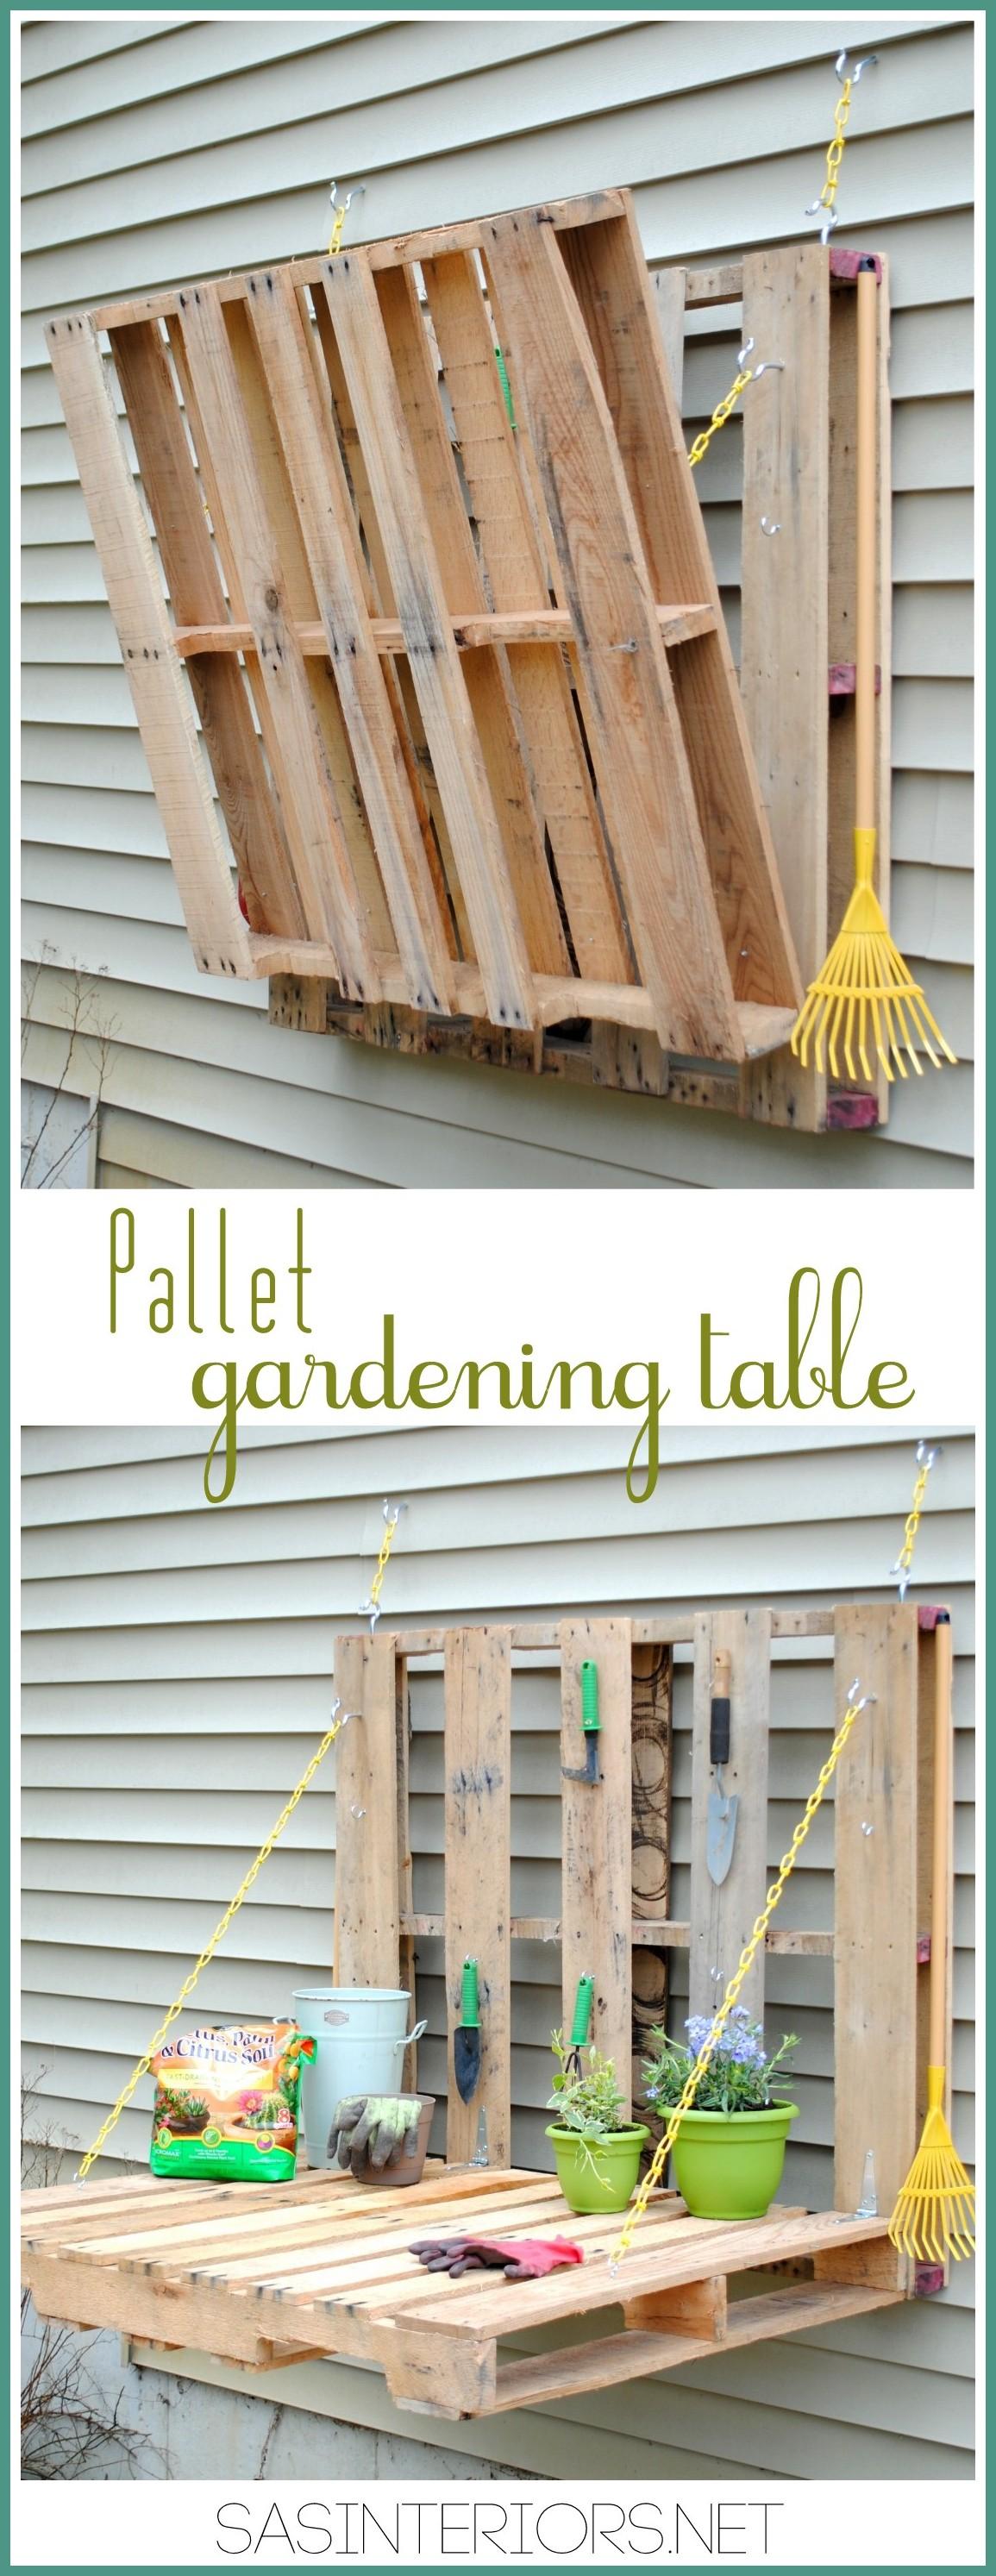 Fullsize Of Pallet Gardens Pinterest